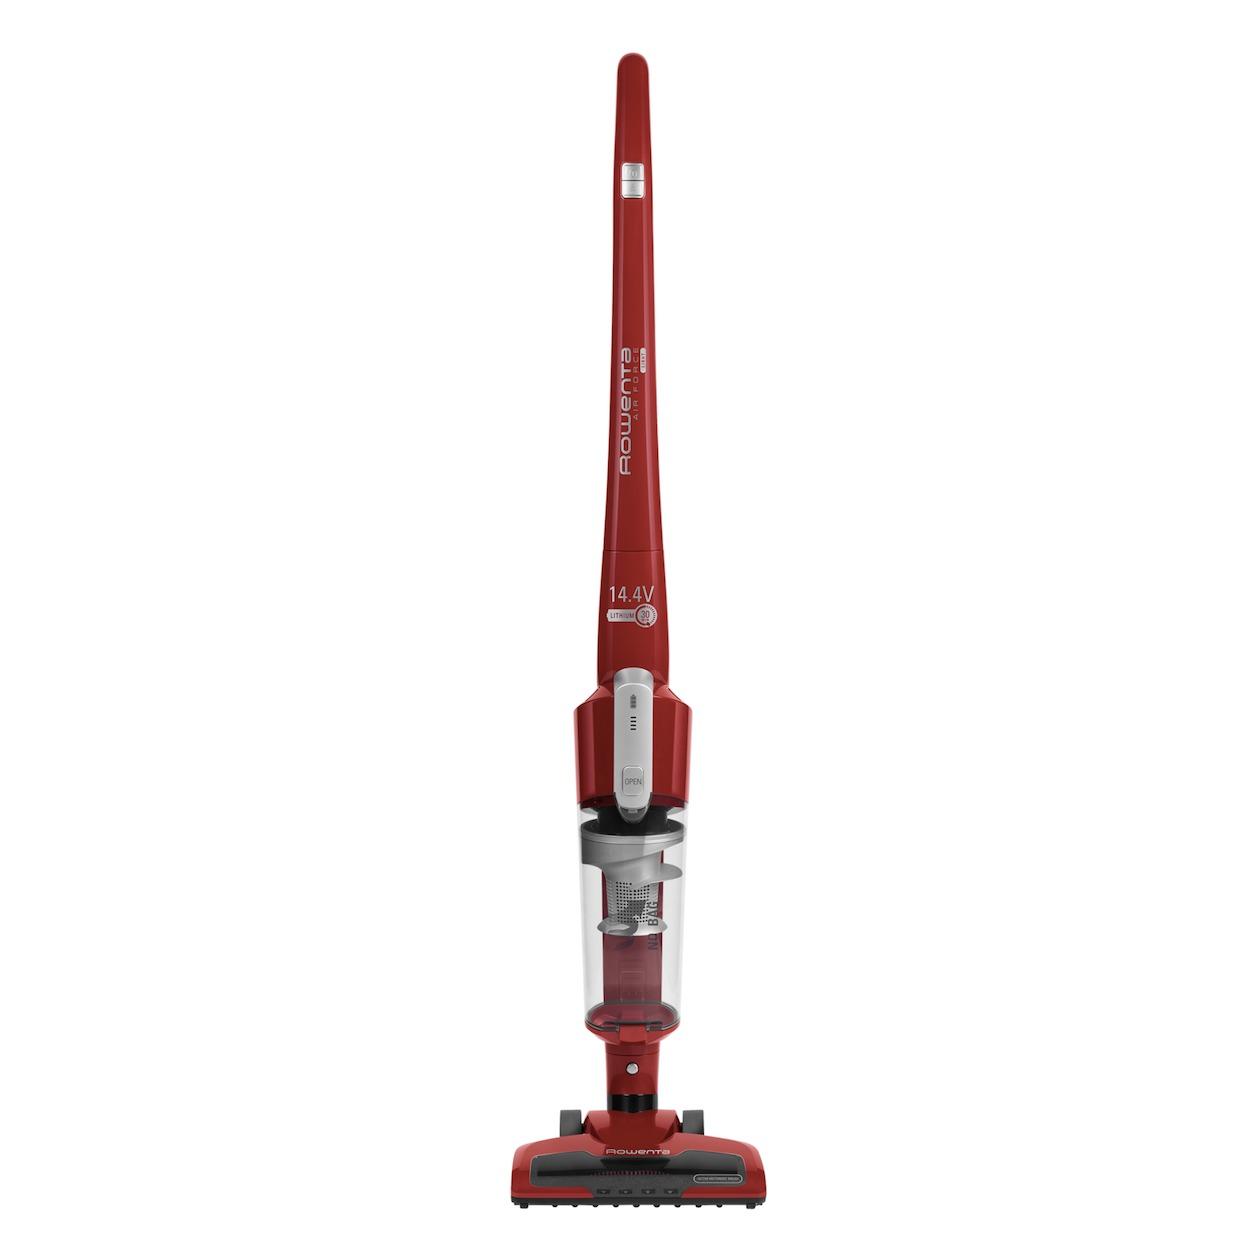 Rowenta steelstofzuiger RH6543 rood - Prijsvergelijk